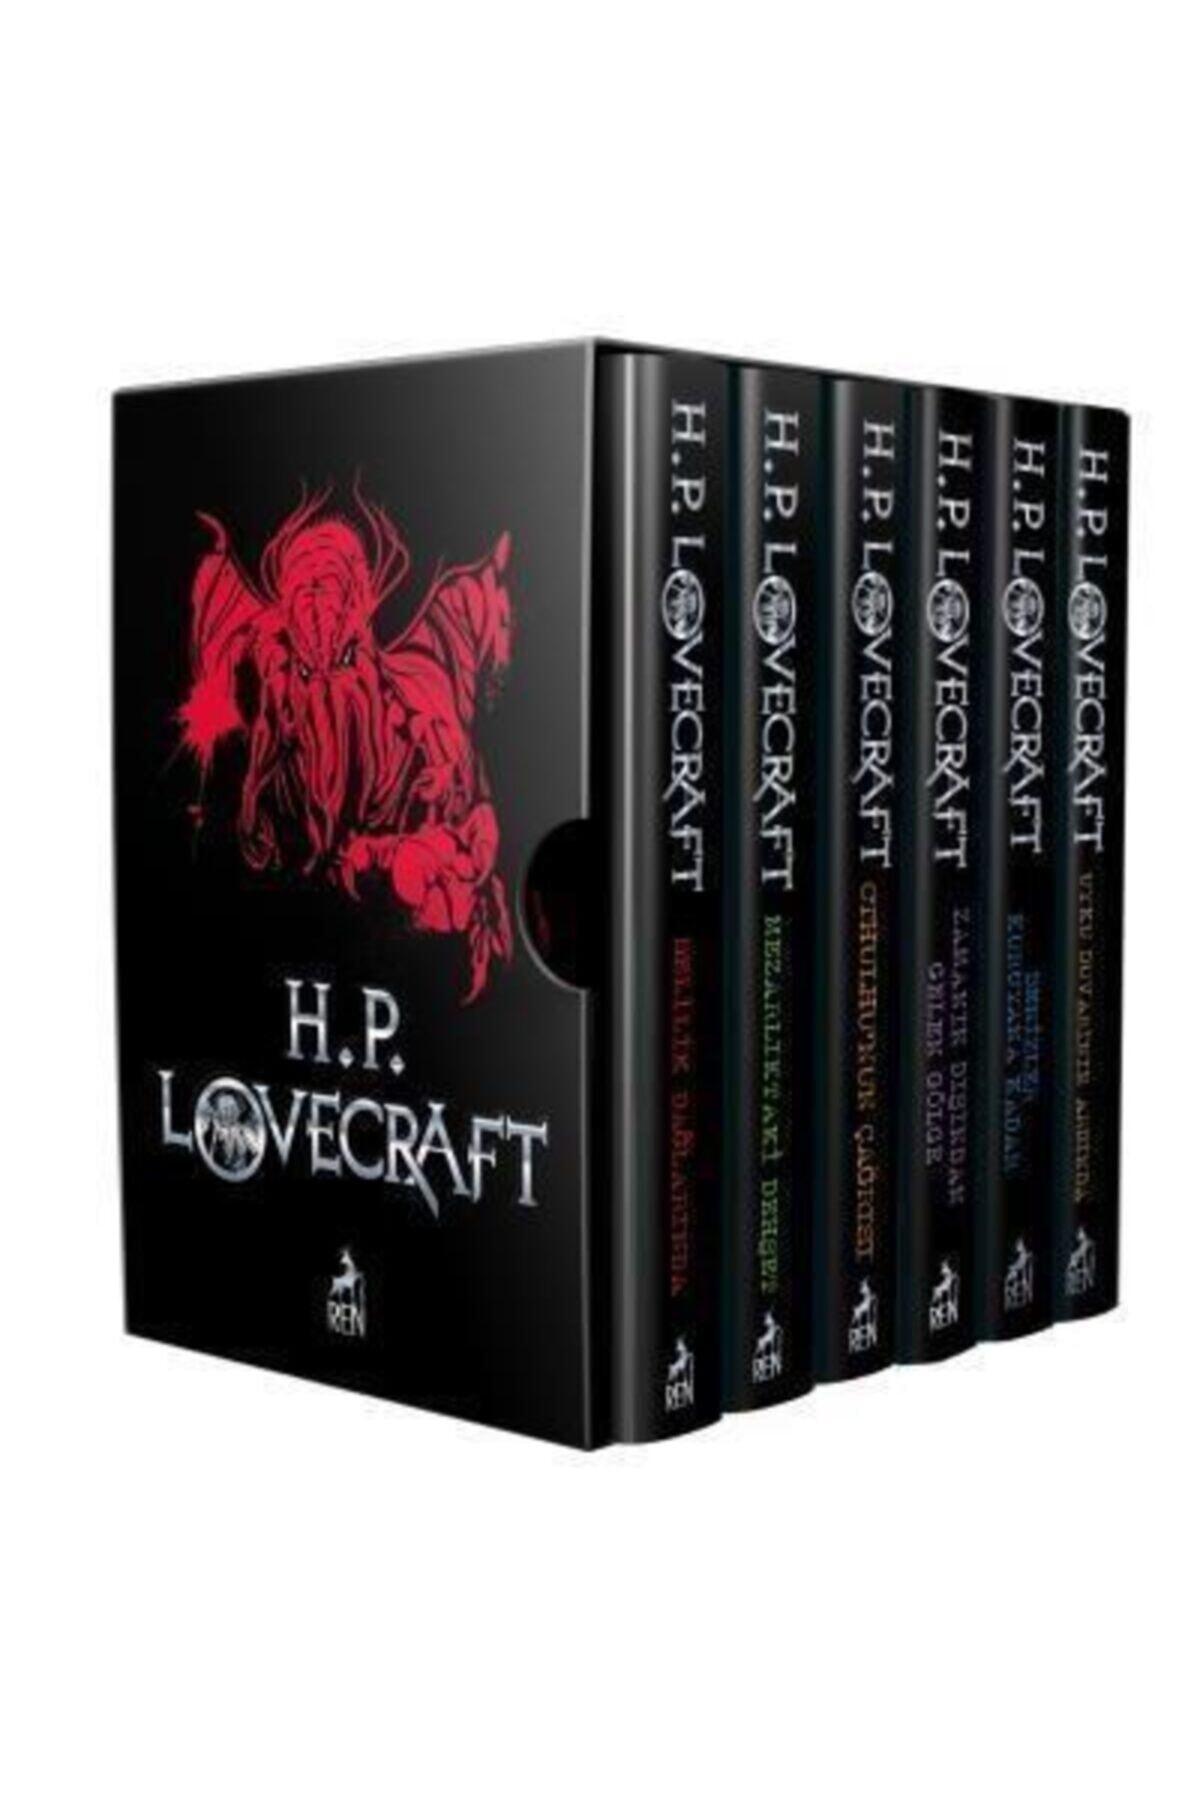 Kömen Yayınları H.p. Lovecraft Seti 6 Kitap Takım Kutulu Howard Phillips Lovecraft 1